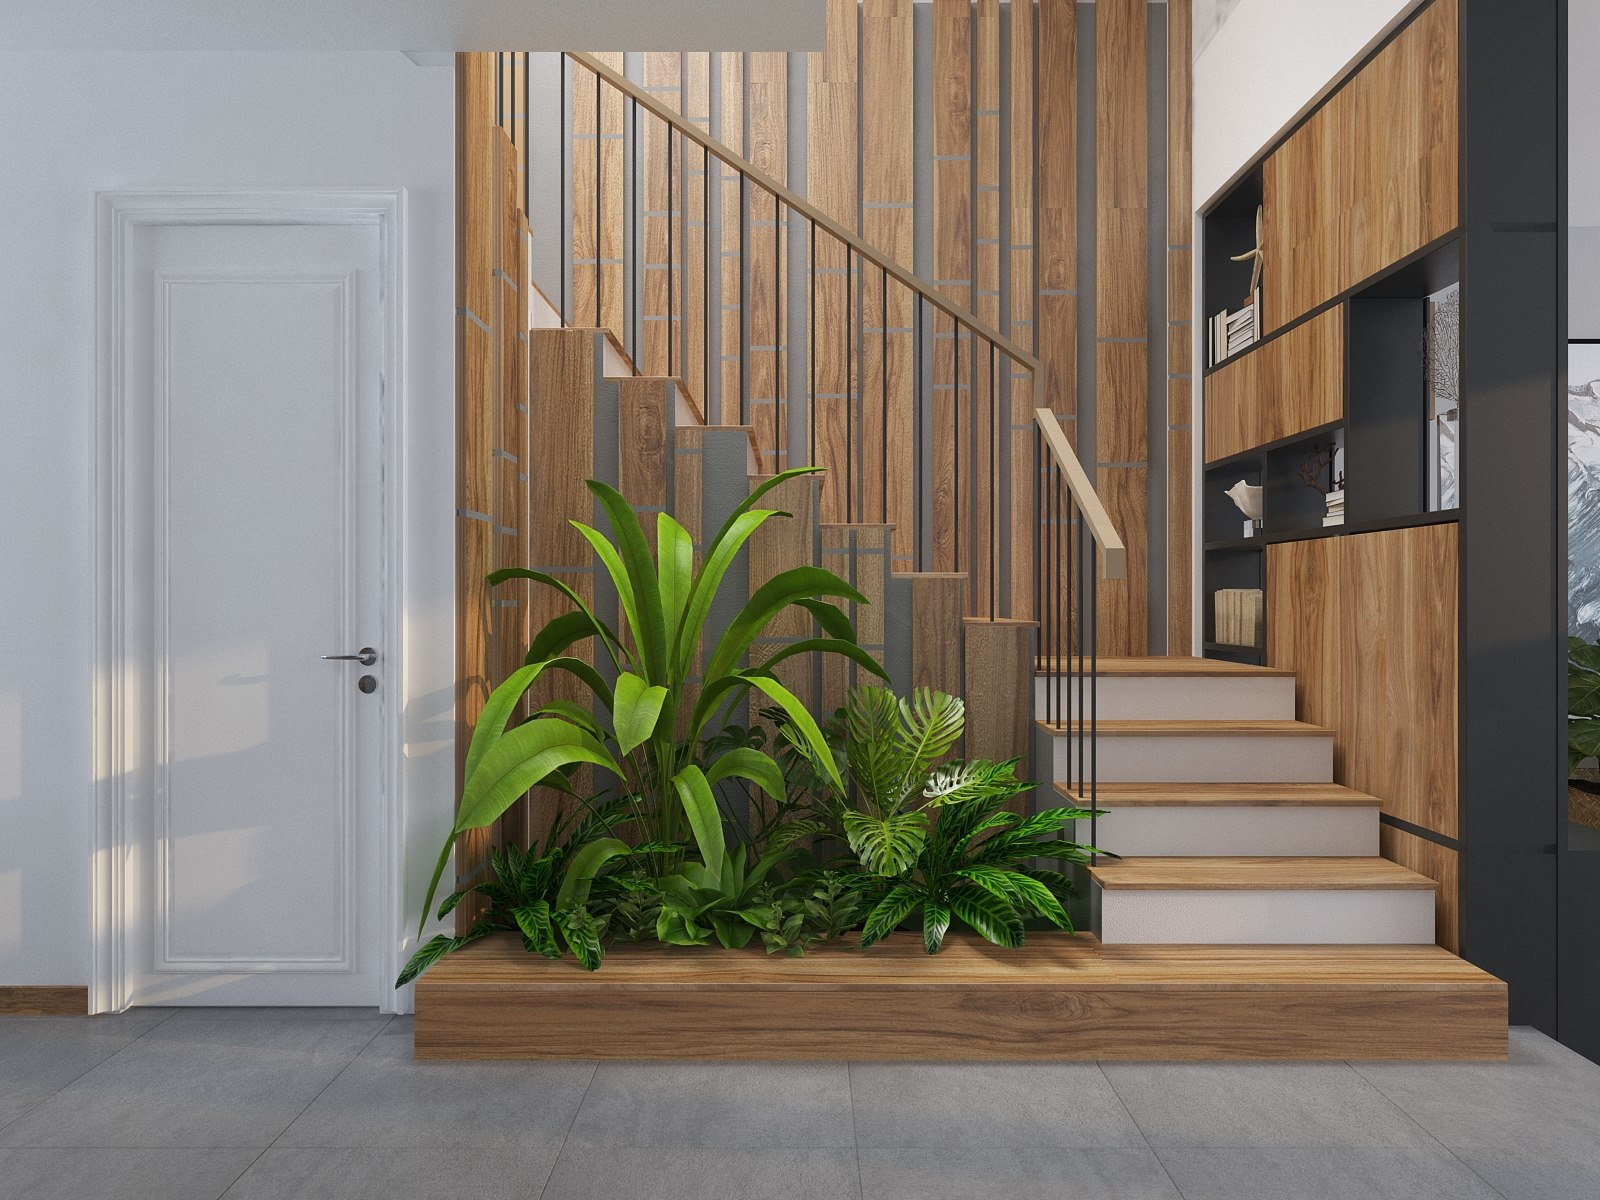 thiết kế nội thất Biệt Thự tại Quảng Bình EURO VILLAGE HOUSE 12 1531705864